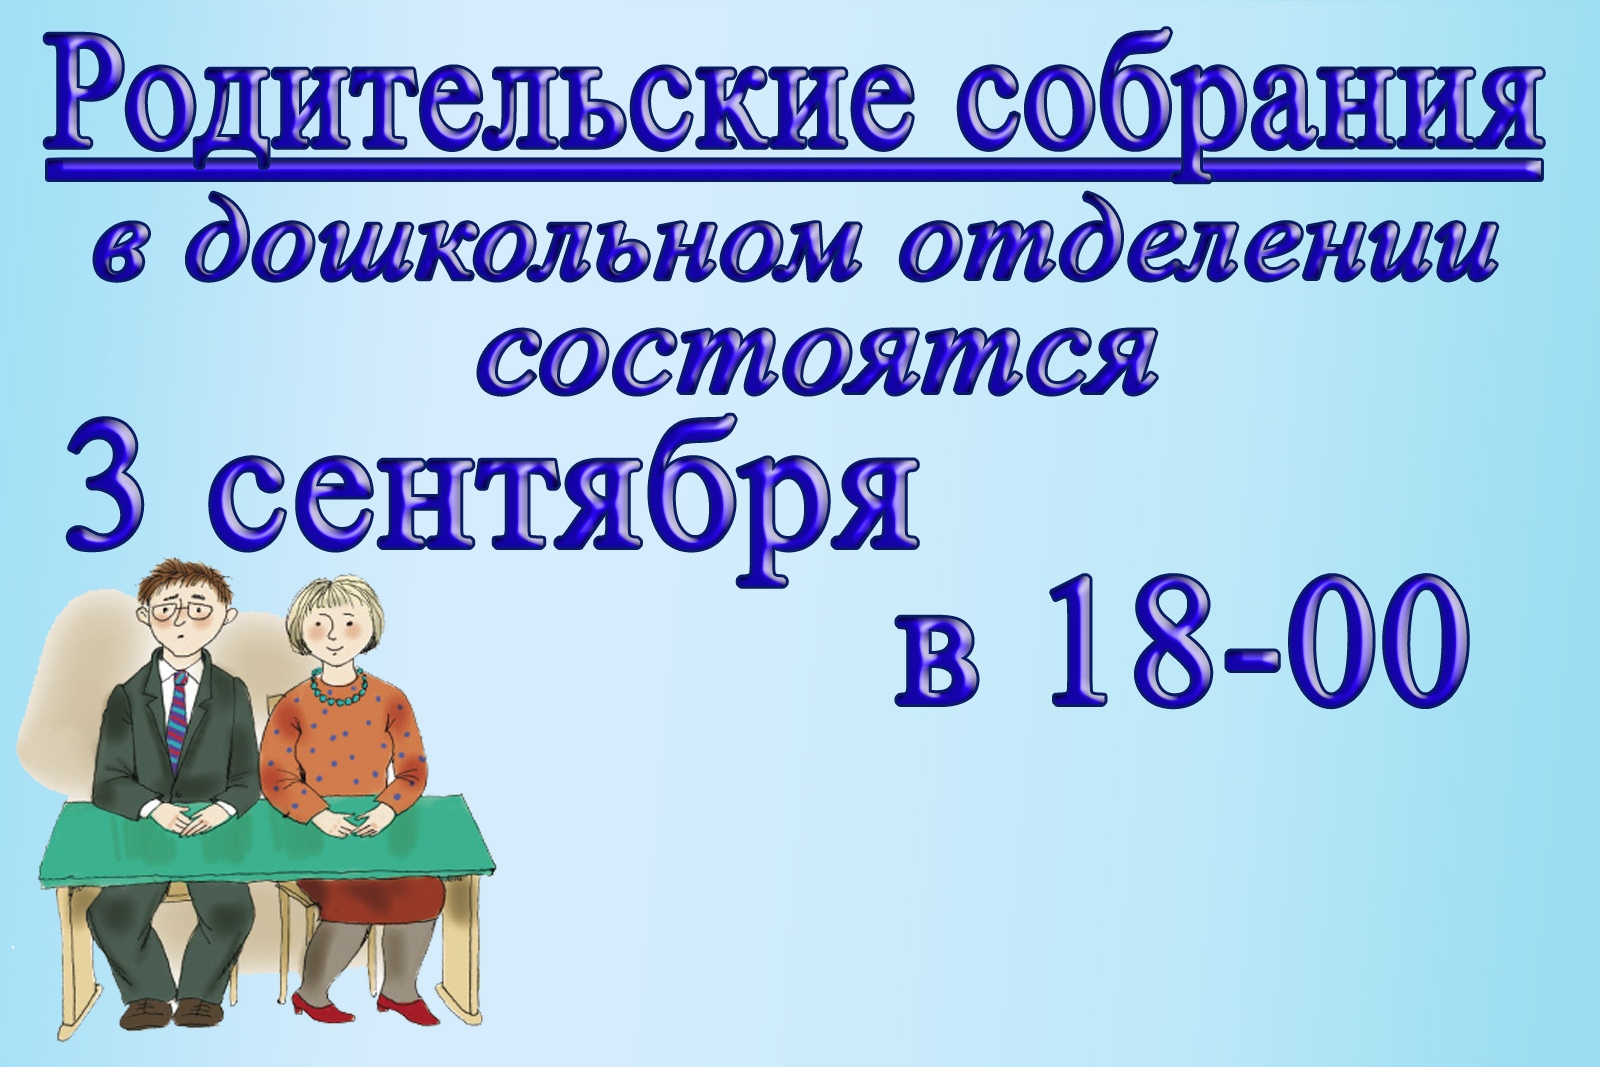 Родительские собрания в дошкольном отделении - 3 сентября в 18-00